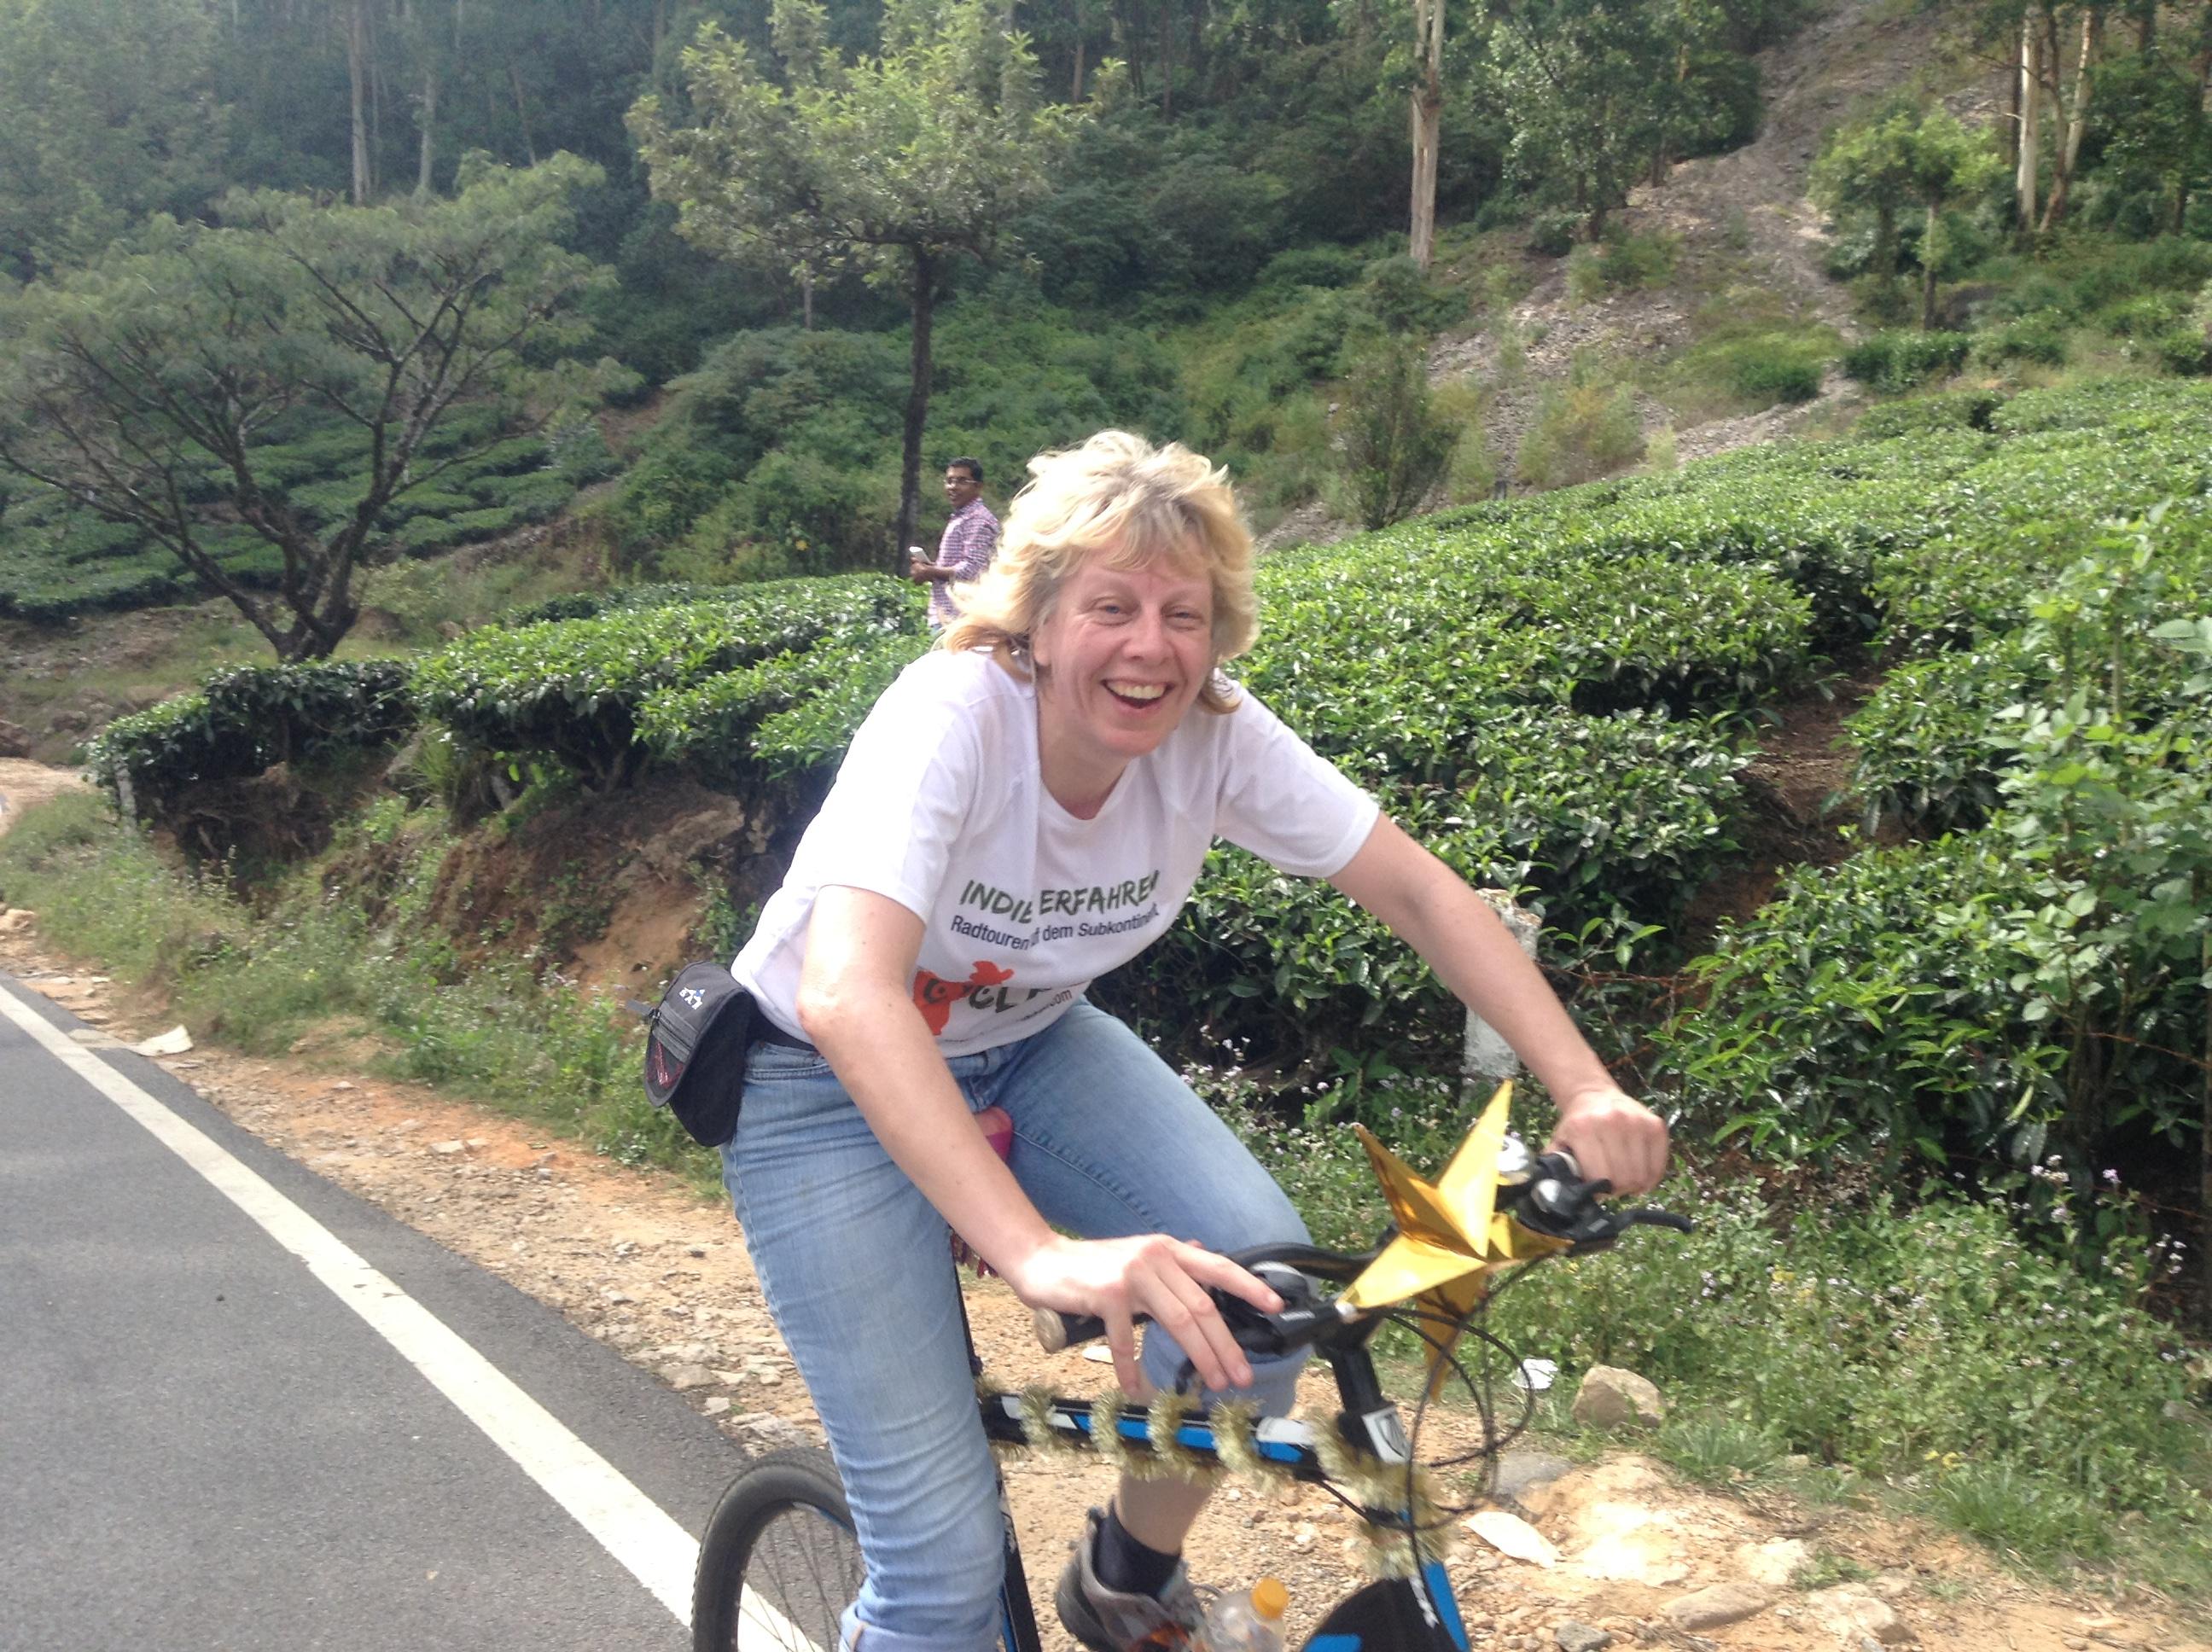 Glückliche Teilnehmerin unserer Fahrradtour